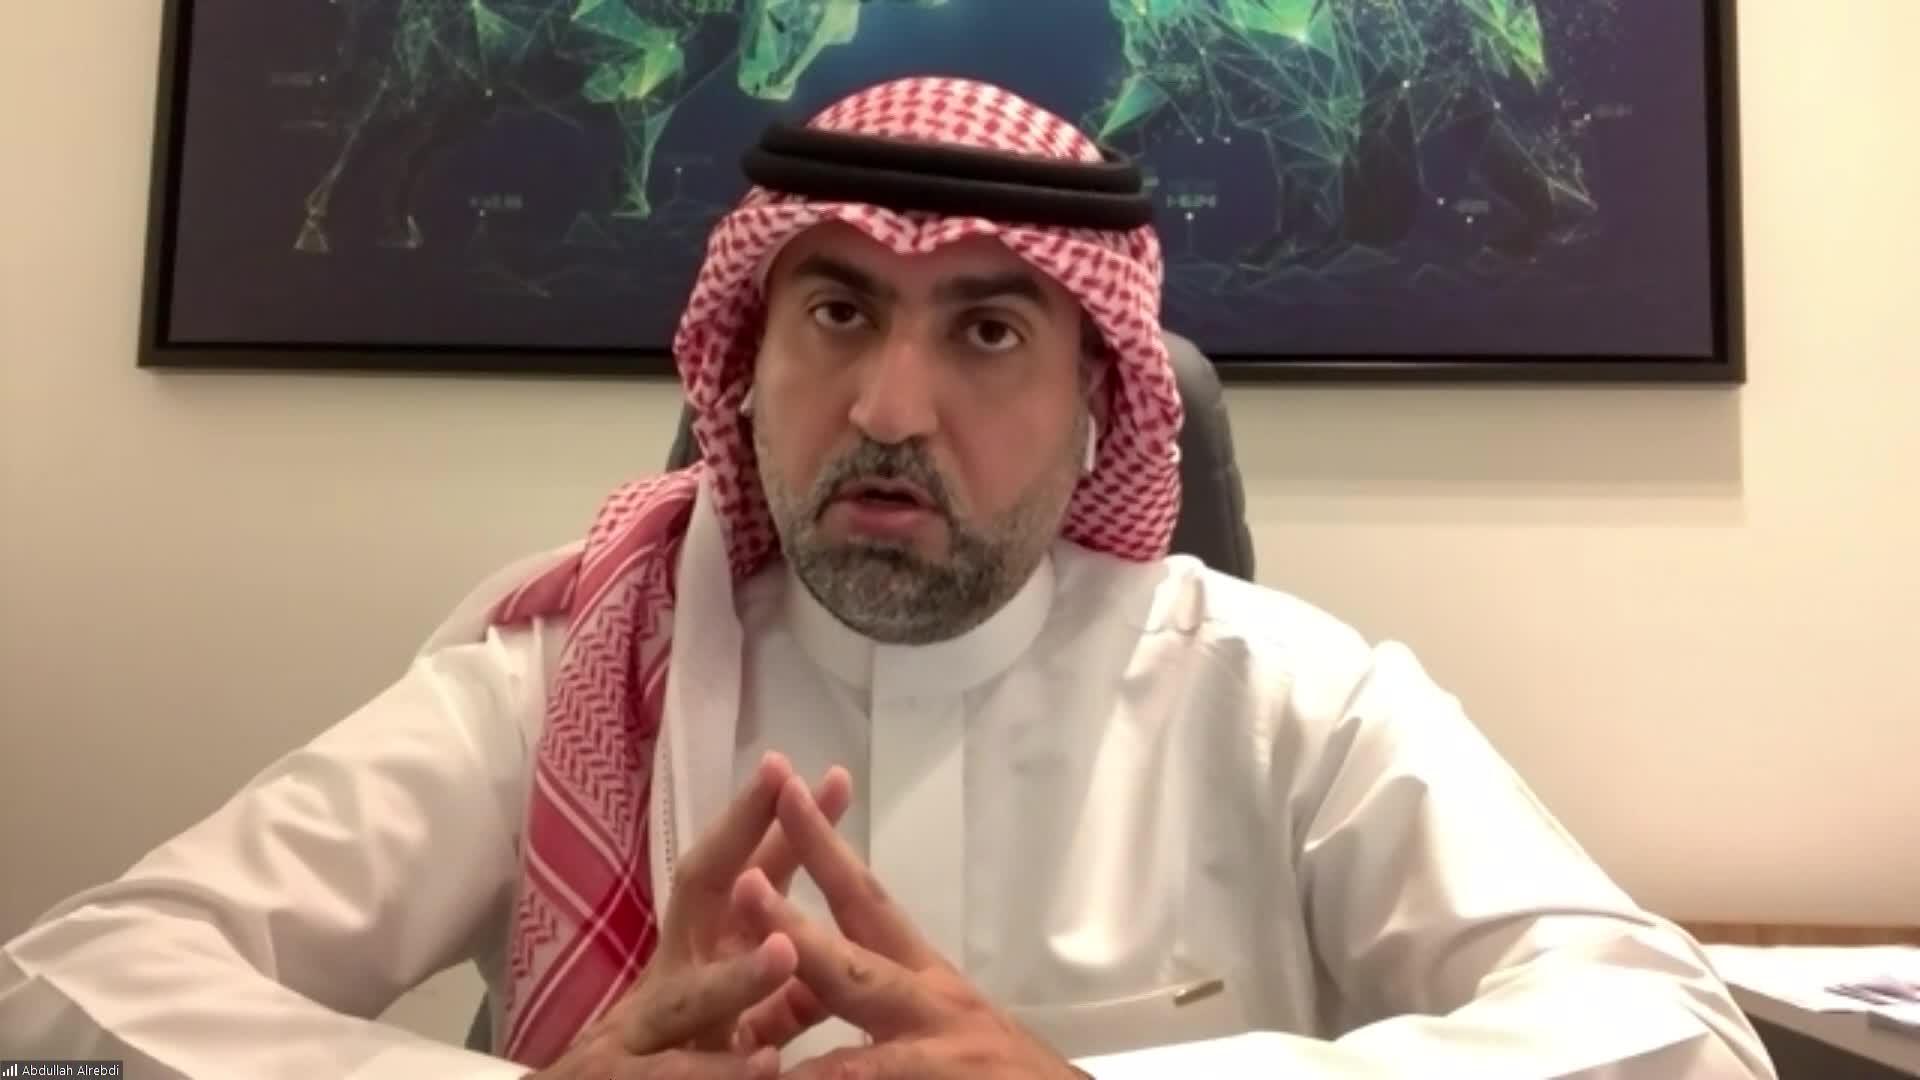 في أي اتجاه نقرأ التغير بنتائج الصادرات في السعودية مع الأخذ بأحوال الإغلاق؟